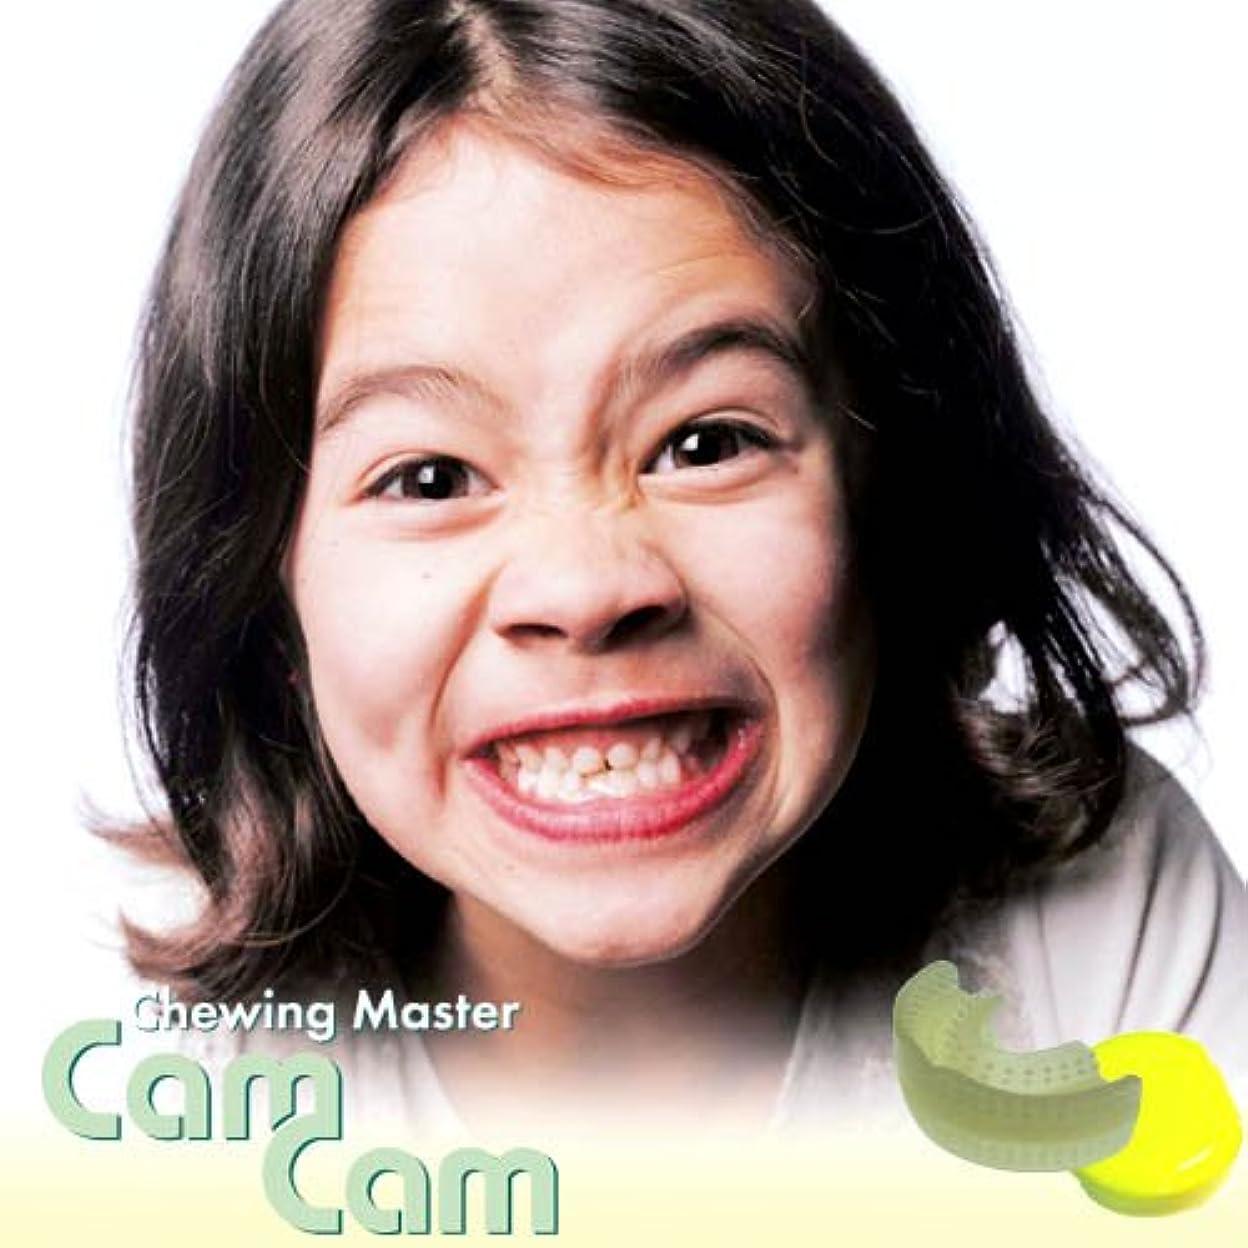 白鳥公式腐食する歯科医師開発 口腔筋機能トレーニングマウスピース【CamCam ST】カムカム (イエロー) 乳歯列期から混合歯列期用